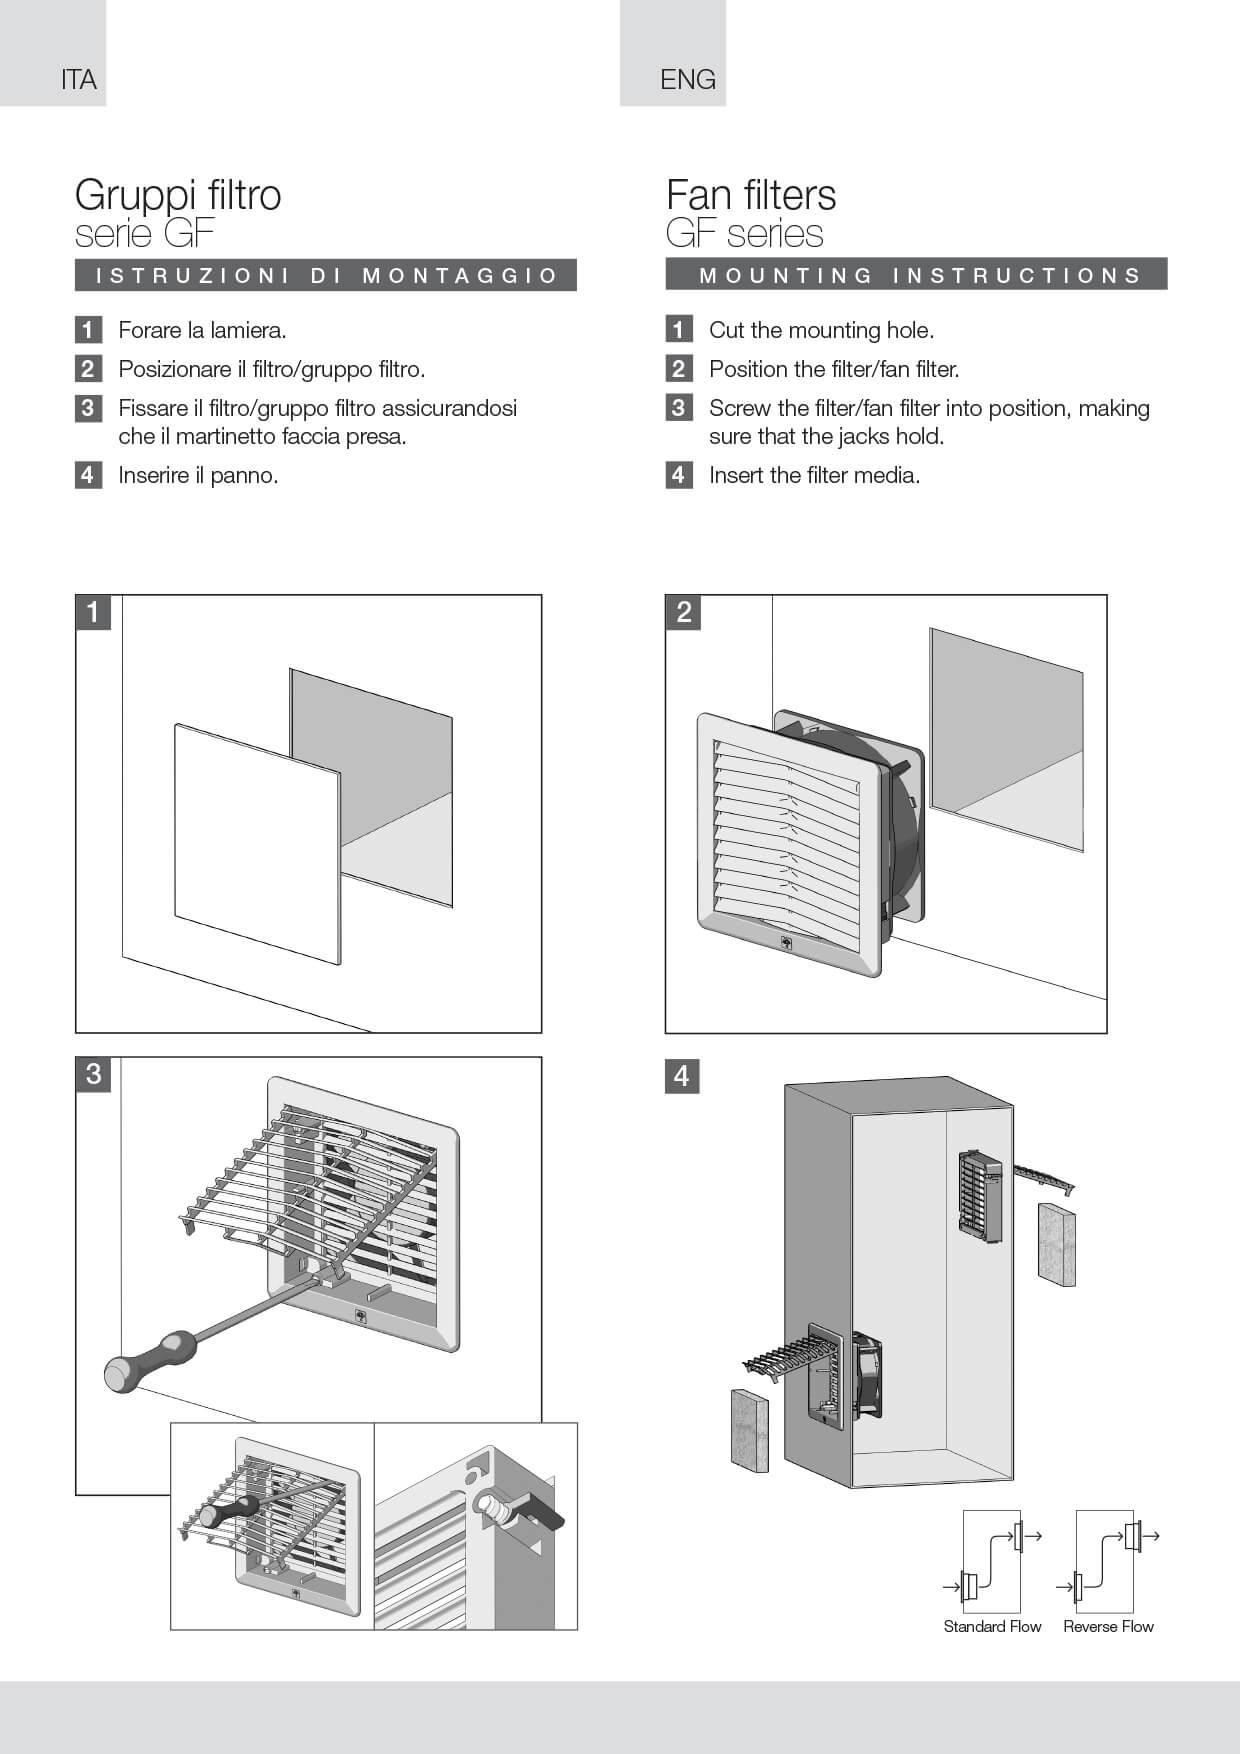 Gruppi filtro GF istruzioni